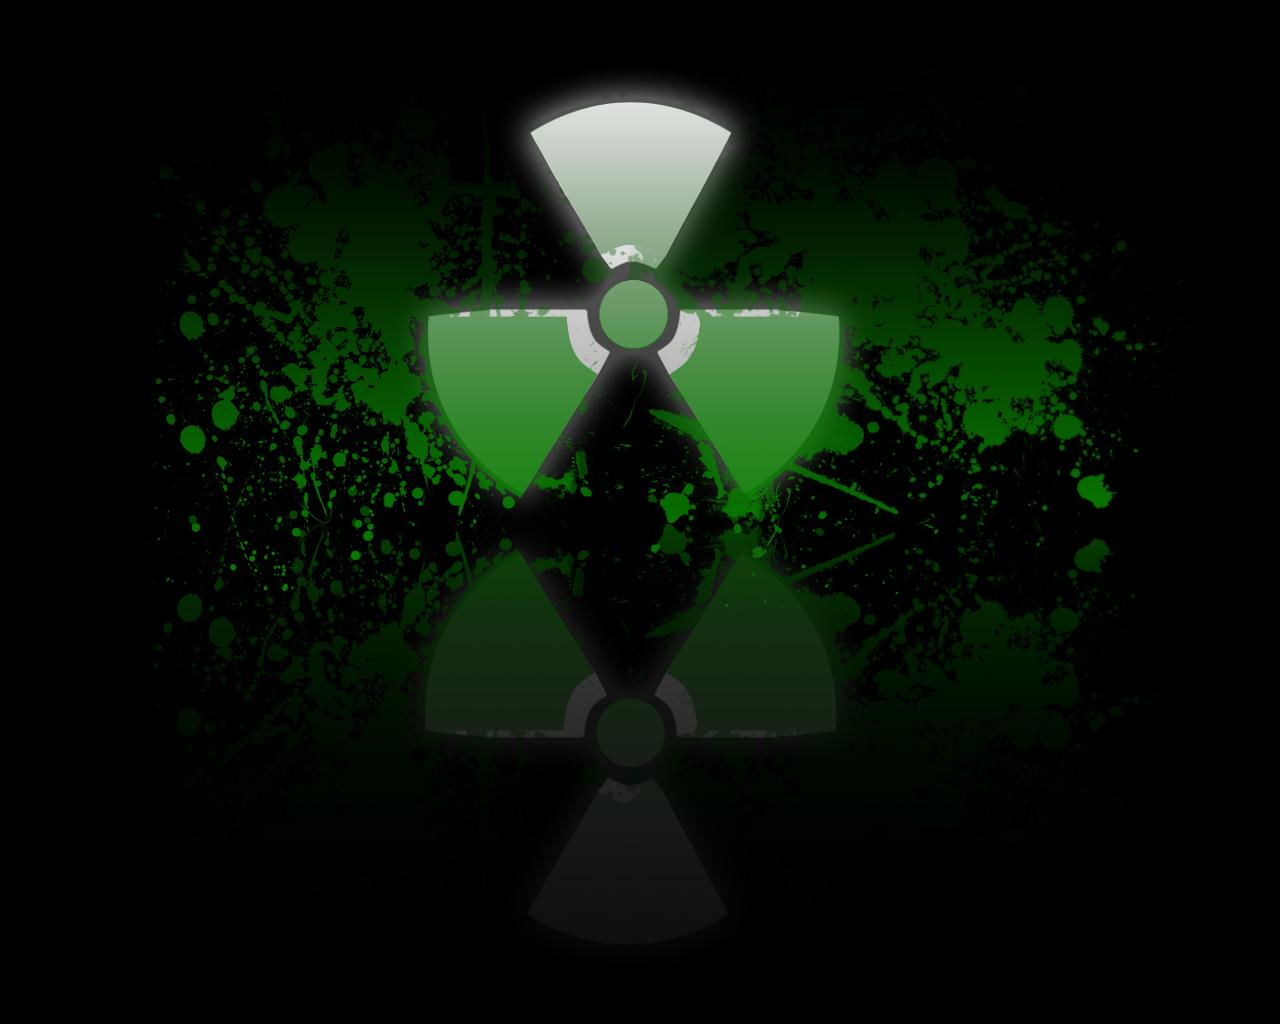 http://3.bp.blogspot.com/_FQYd2m9TeUo/TIPYw0o6Z7I/AAAAAAAAAEA/_Nkr8pQgtQI/s1600/Radioactive_Wallpaper_1_by_RECROW.jpg